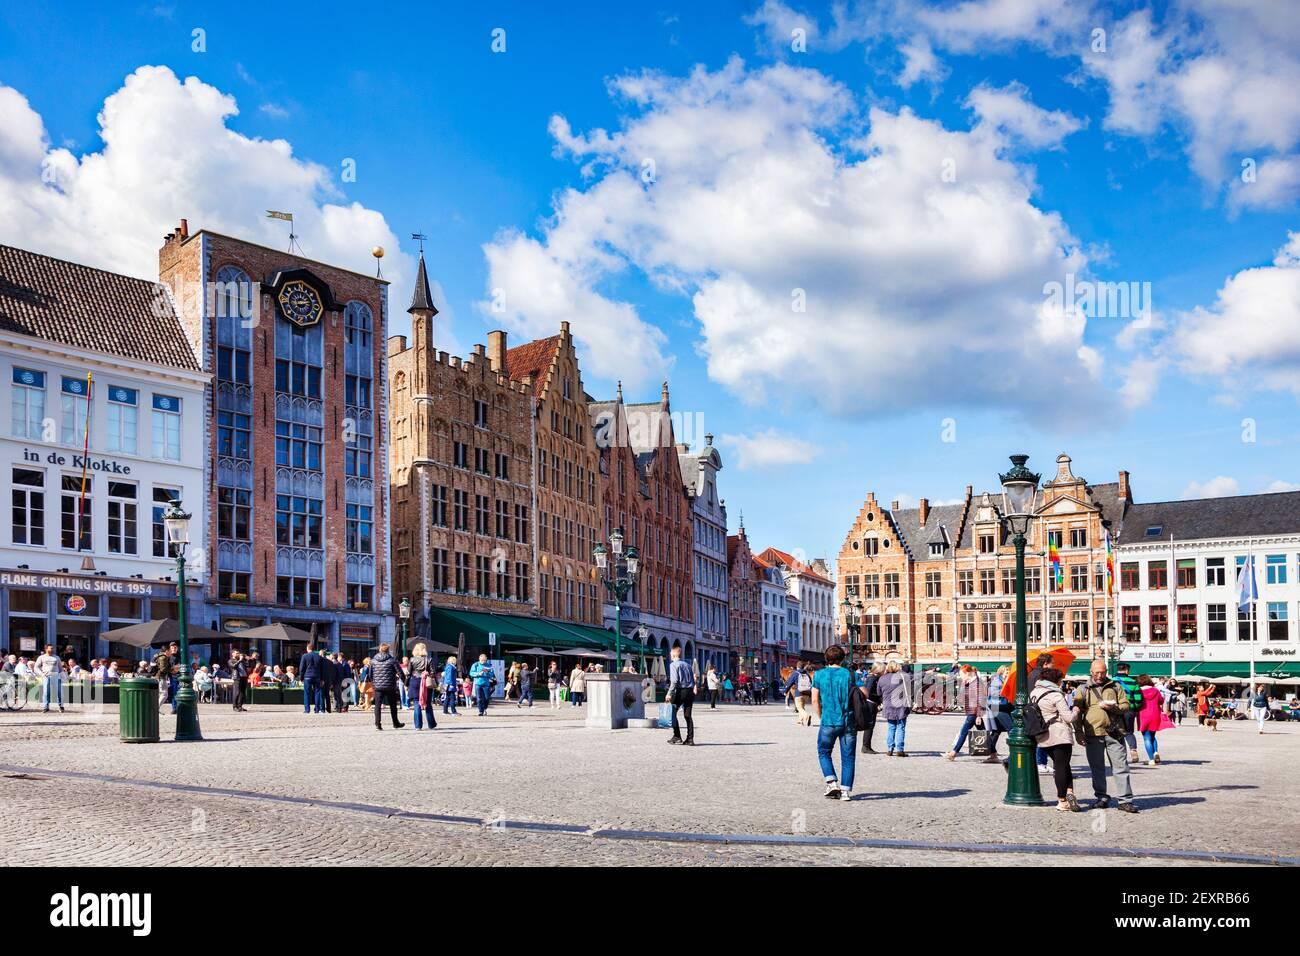 25 Septiembre 2018: Brujas, Bélgica - turistas en la Plaza Markt, la plaza principal o plaza de la ciudad, llena de hermosos edificios históricos, en una multa s Foto de stock